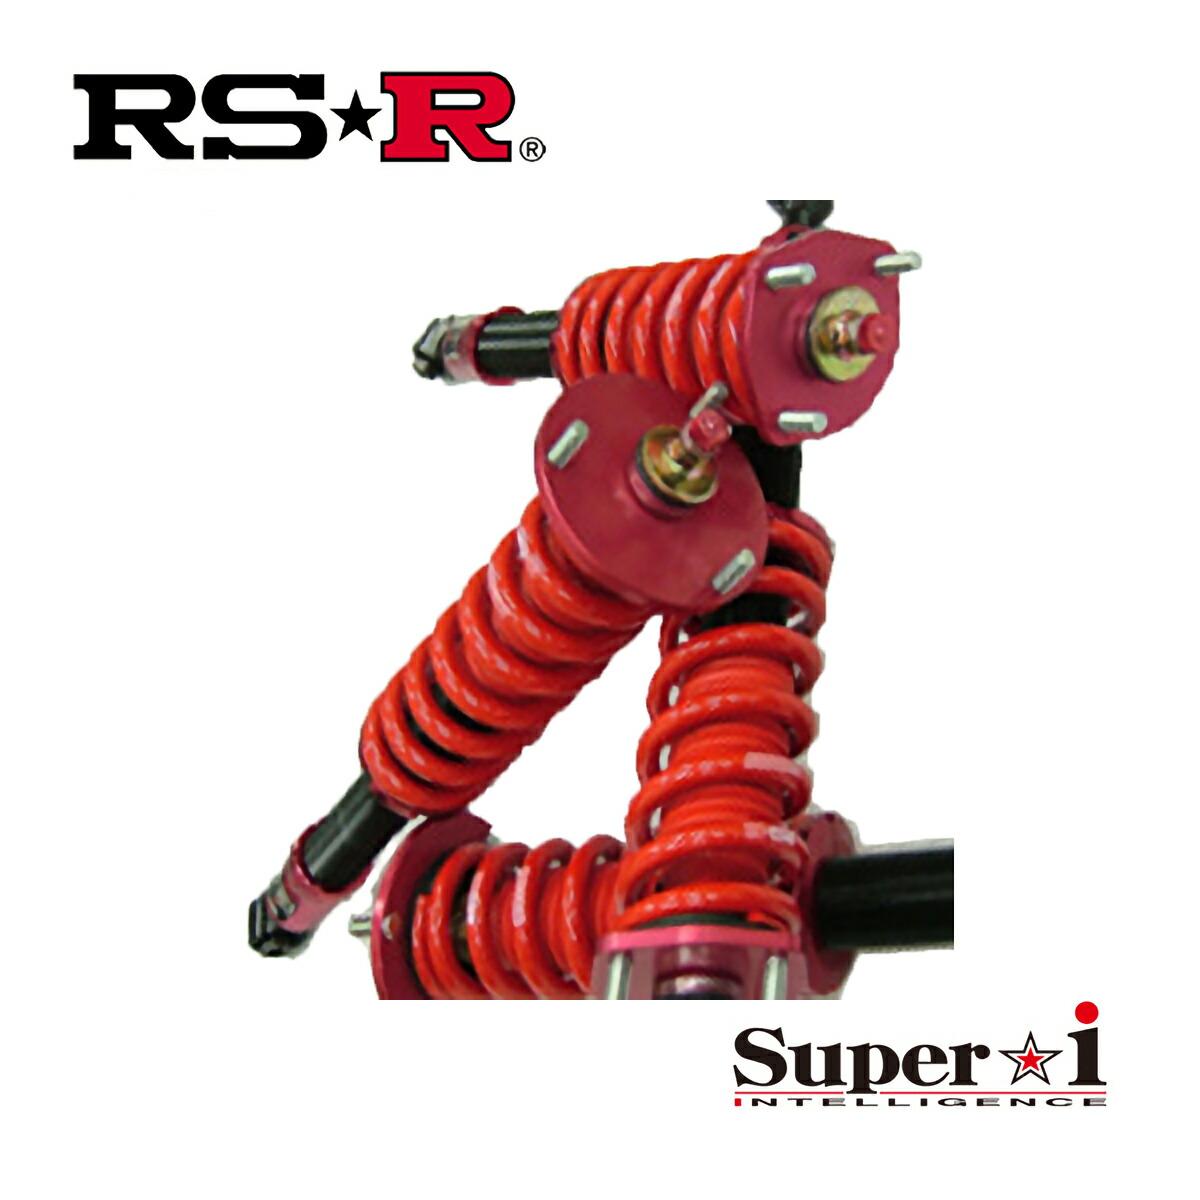 RS-R クラウンハイブリッド AWS211 アスリート S Four 車高調 リア車高調整:全長式 SIT966M スーパーi RSR 個人宅発送追金有